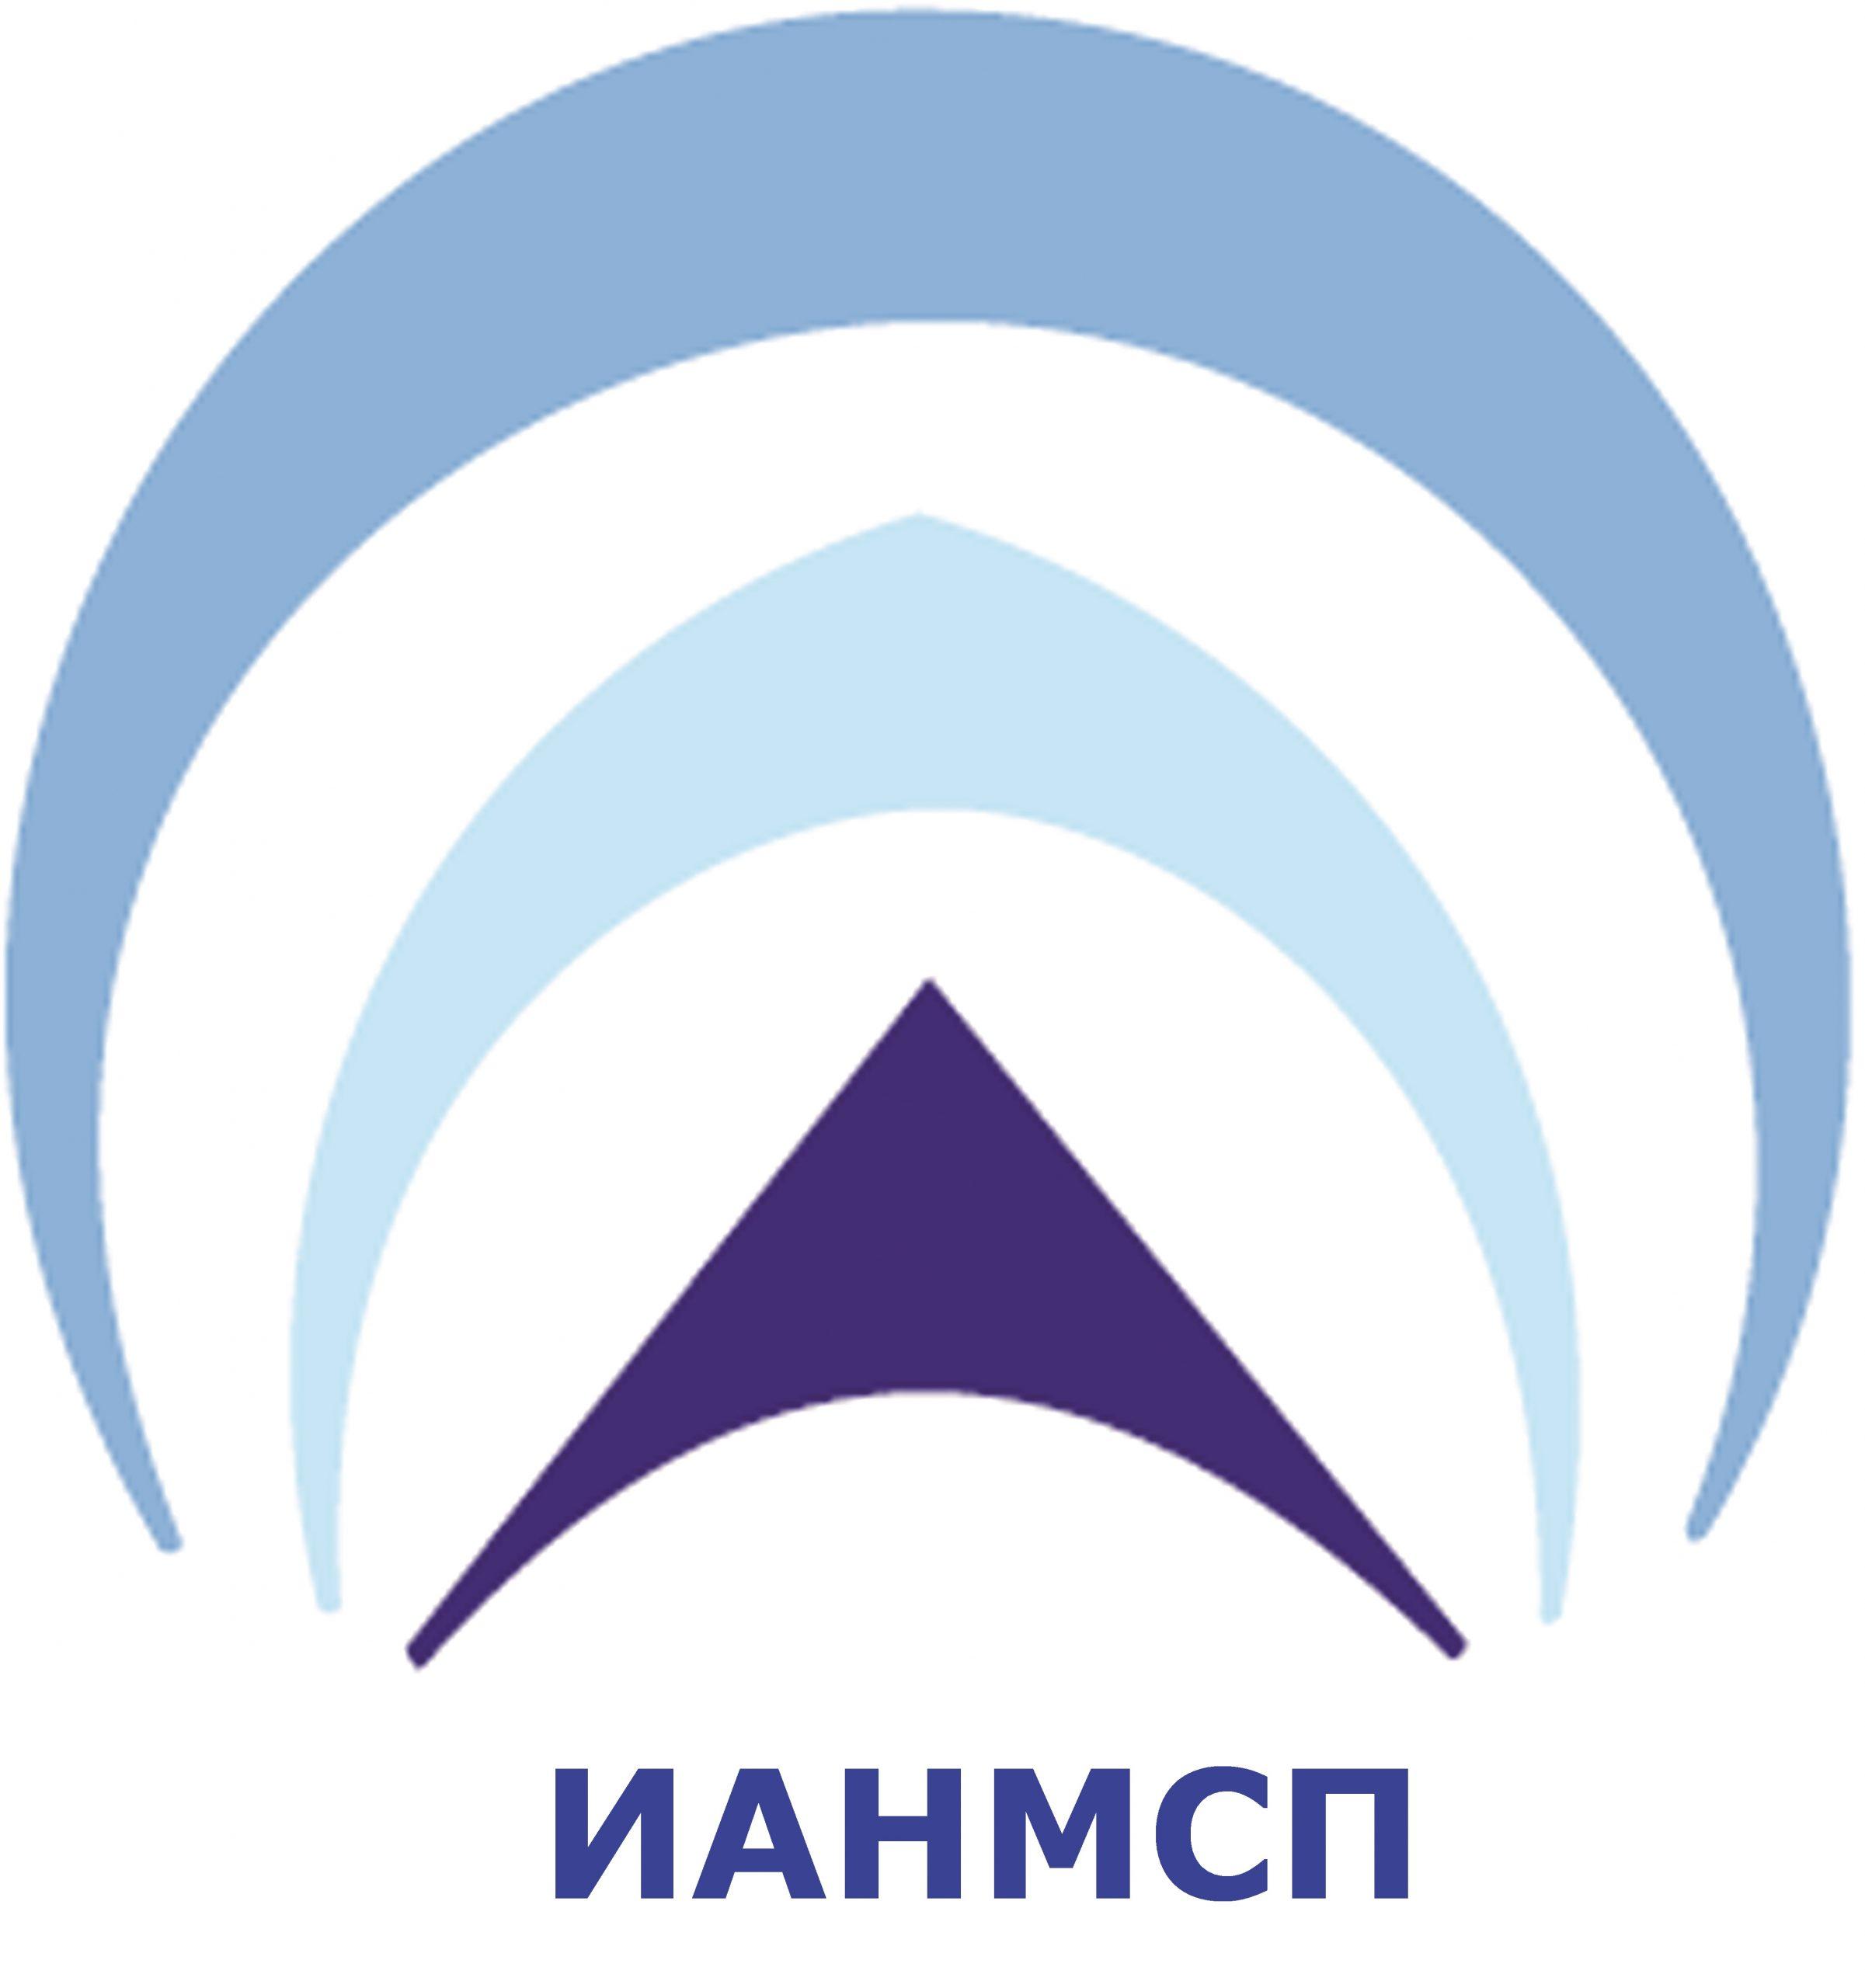 Изпълнителната агенция за насърчаване на малките и средните предприятия (ИАНМСП)